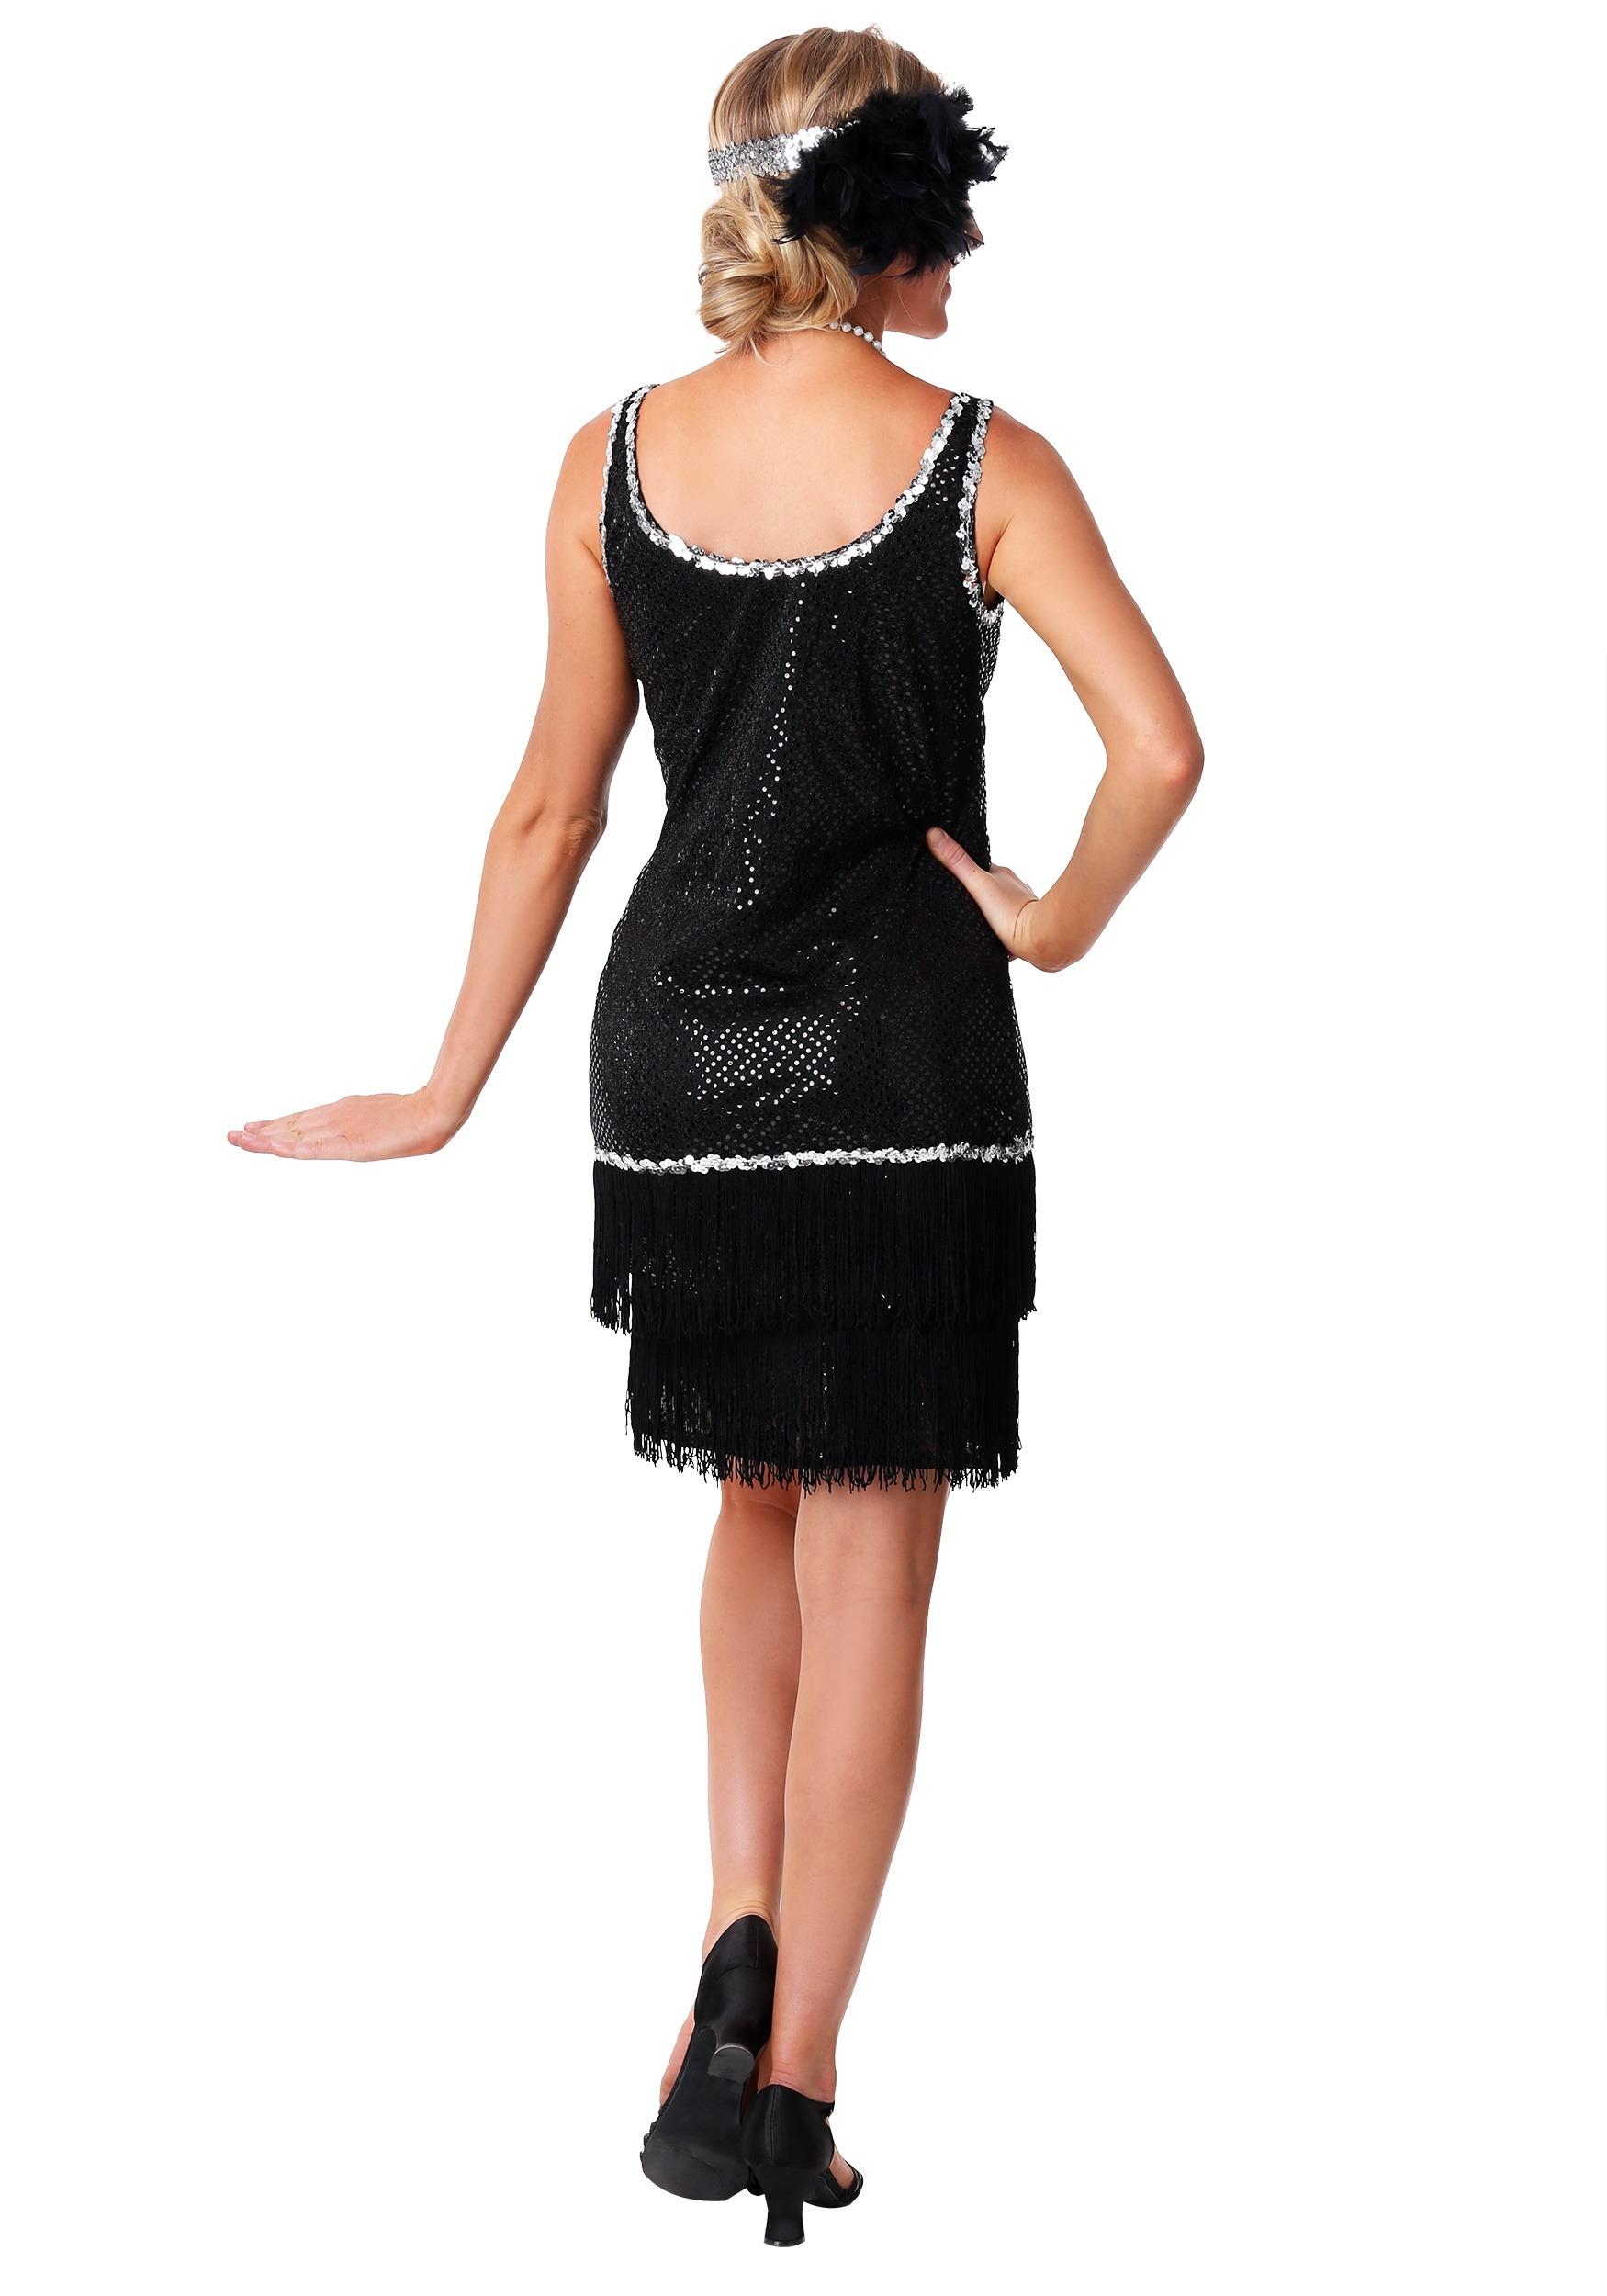 Sequin Amp Fringe Black Flapper Dress Costume